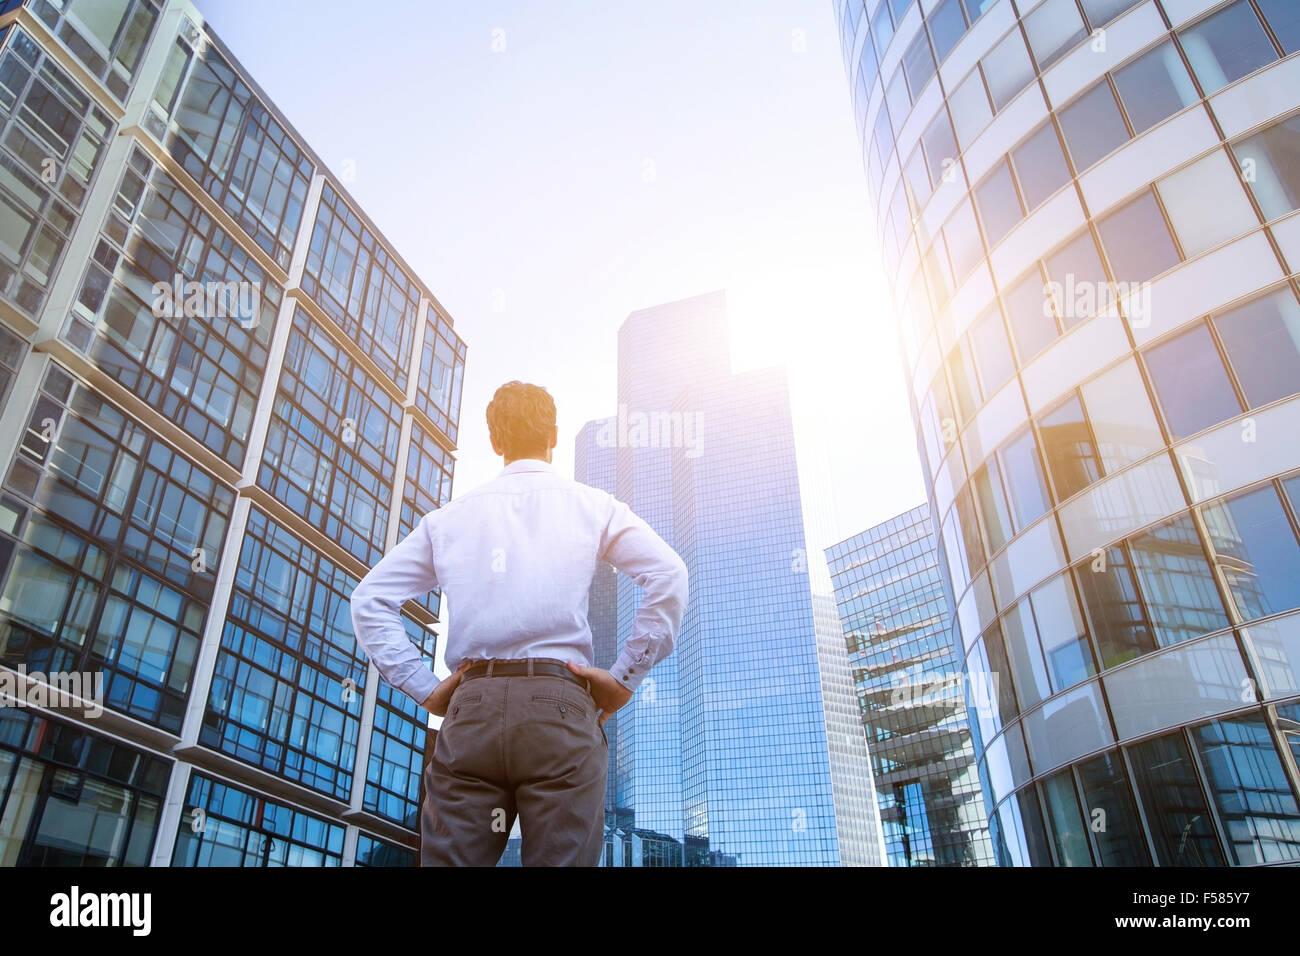 Concepto de carrera, antecedentes comerciales, el hombre busca en edificios de oficinas Imagen De Stock